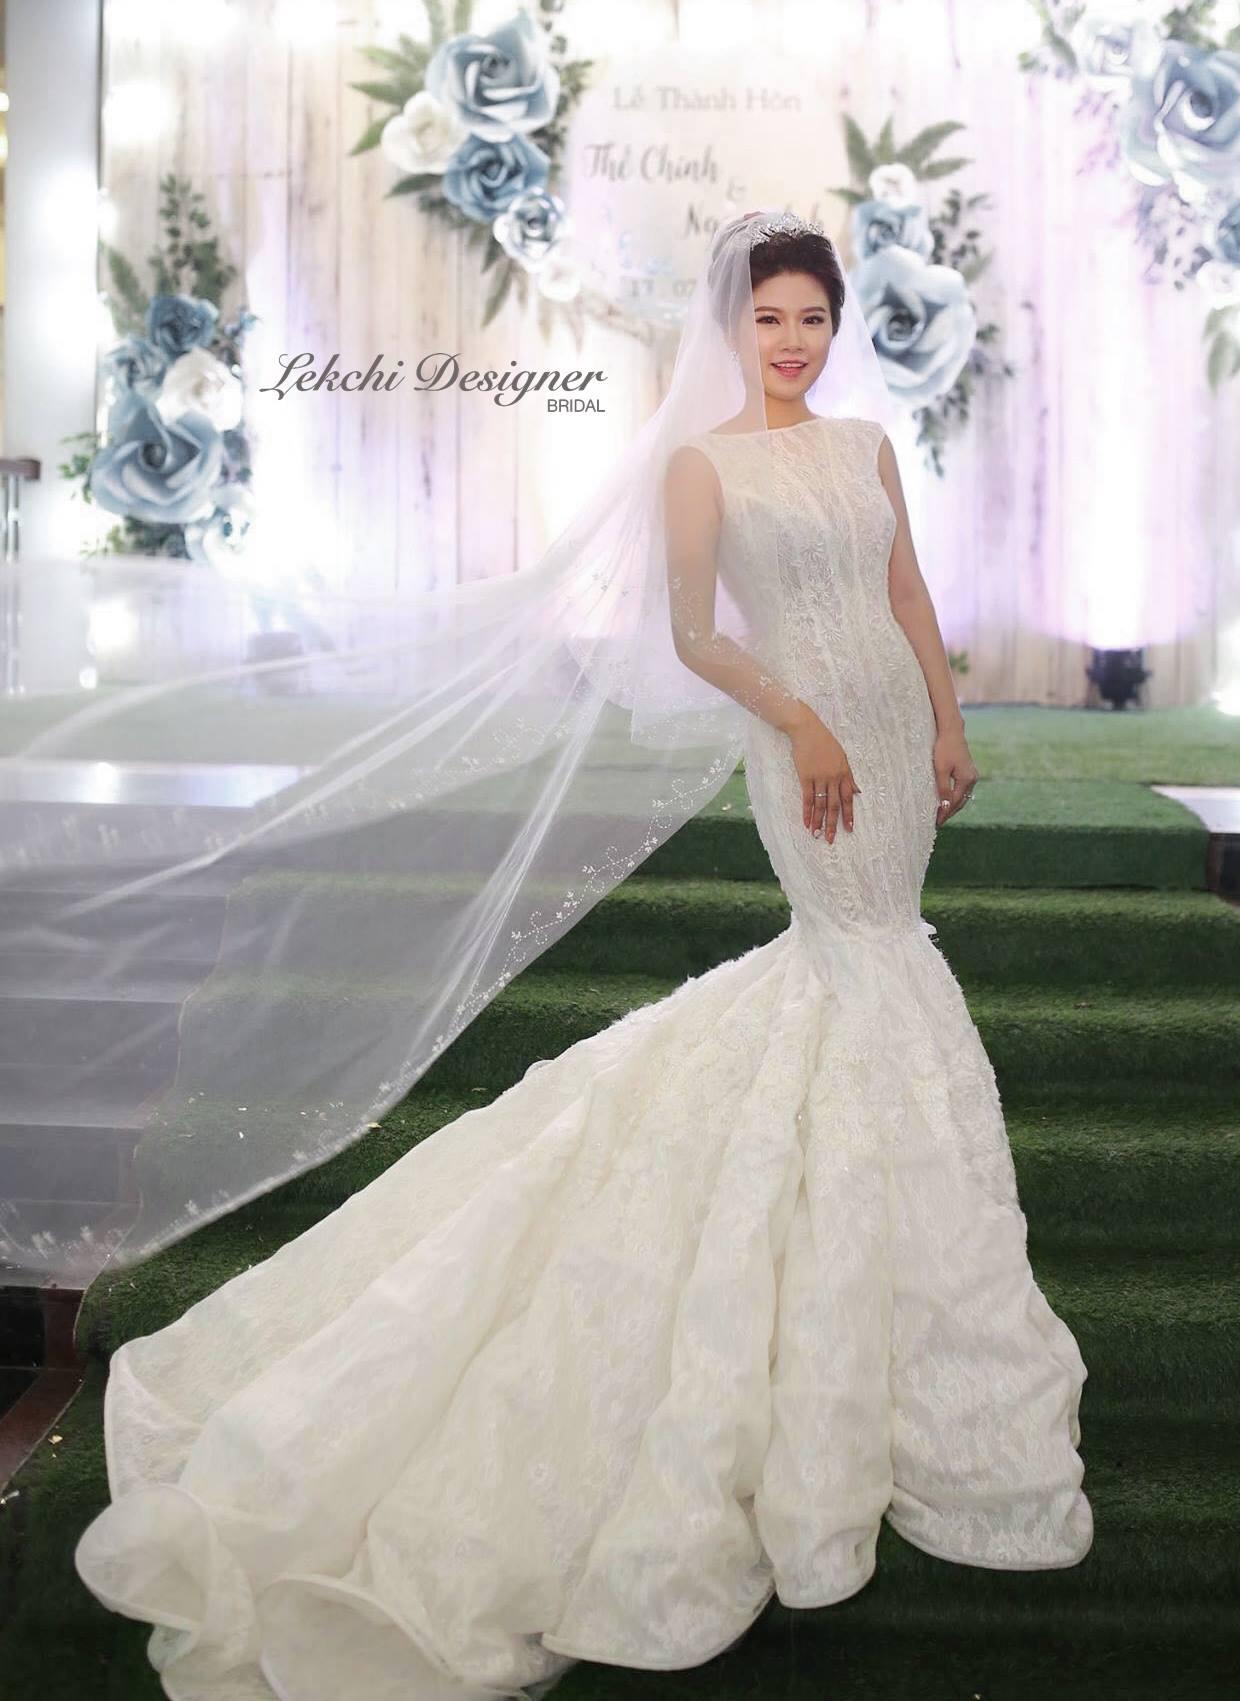 Nếu có ý định tìm cho mình một chiếc váy cưới thật chất, đây là gợi ý cho bạn - Ảnh 6.